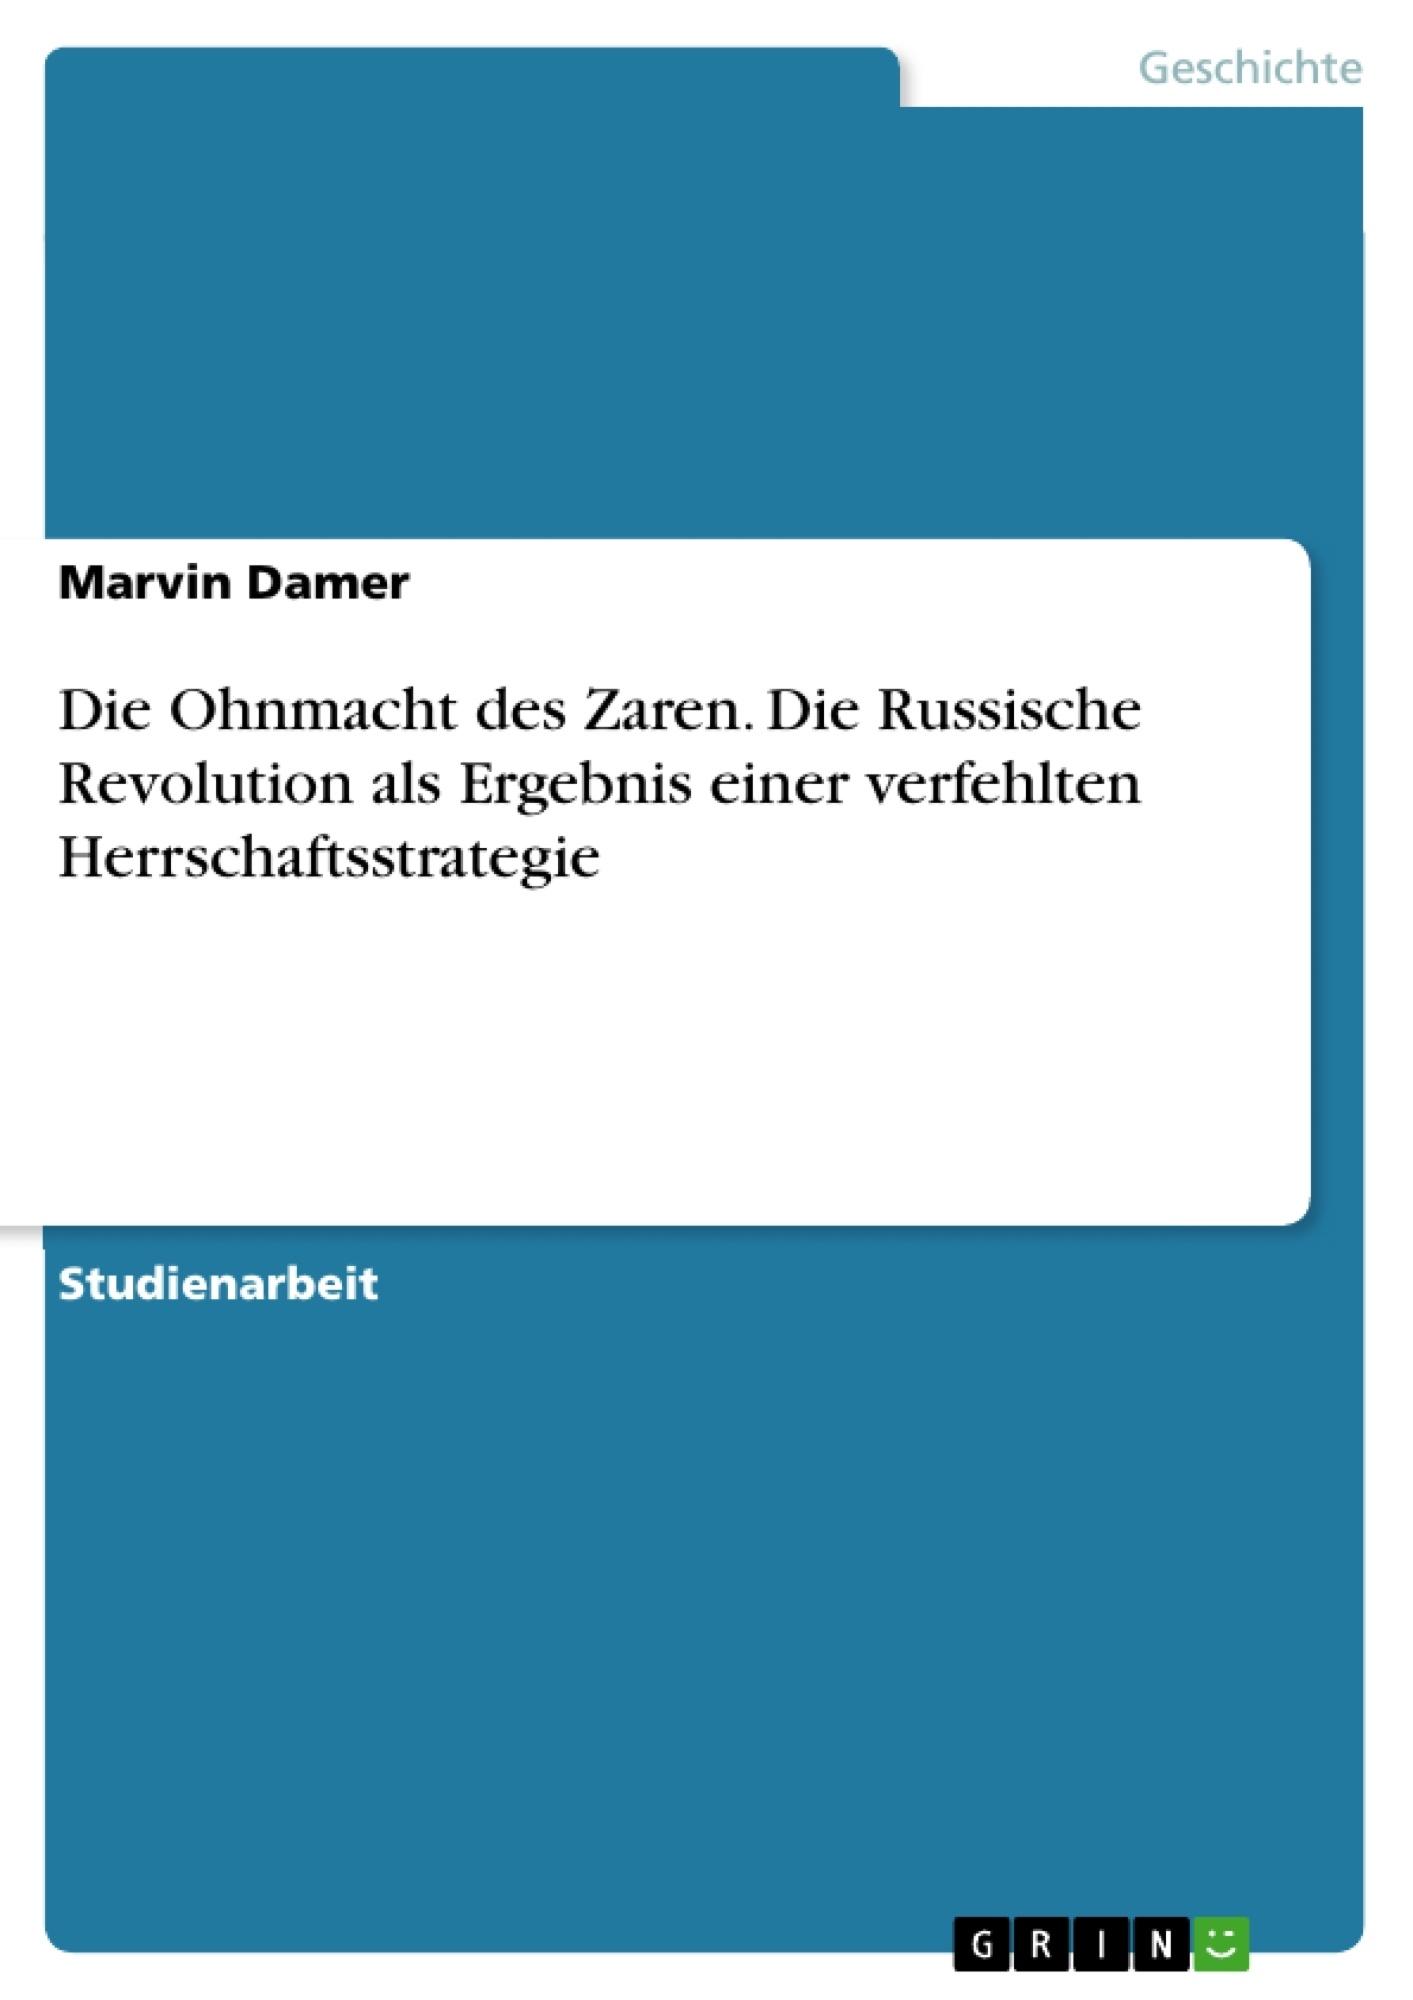 Titel: Die Ohnmacht des Zaren. Die Russische Revolution als Ergebnis einer verfehlten Herrschaftsstrategie